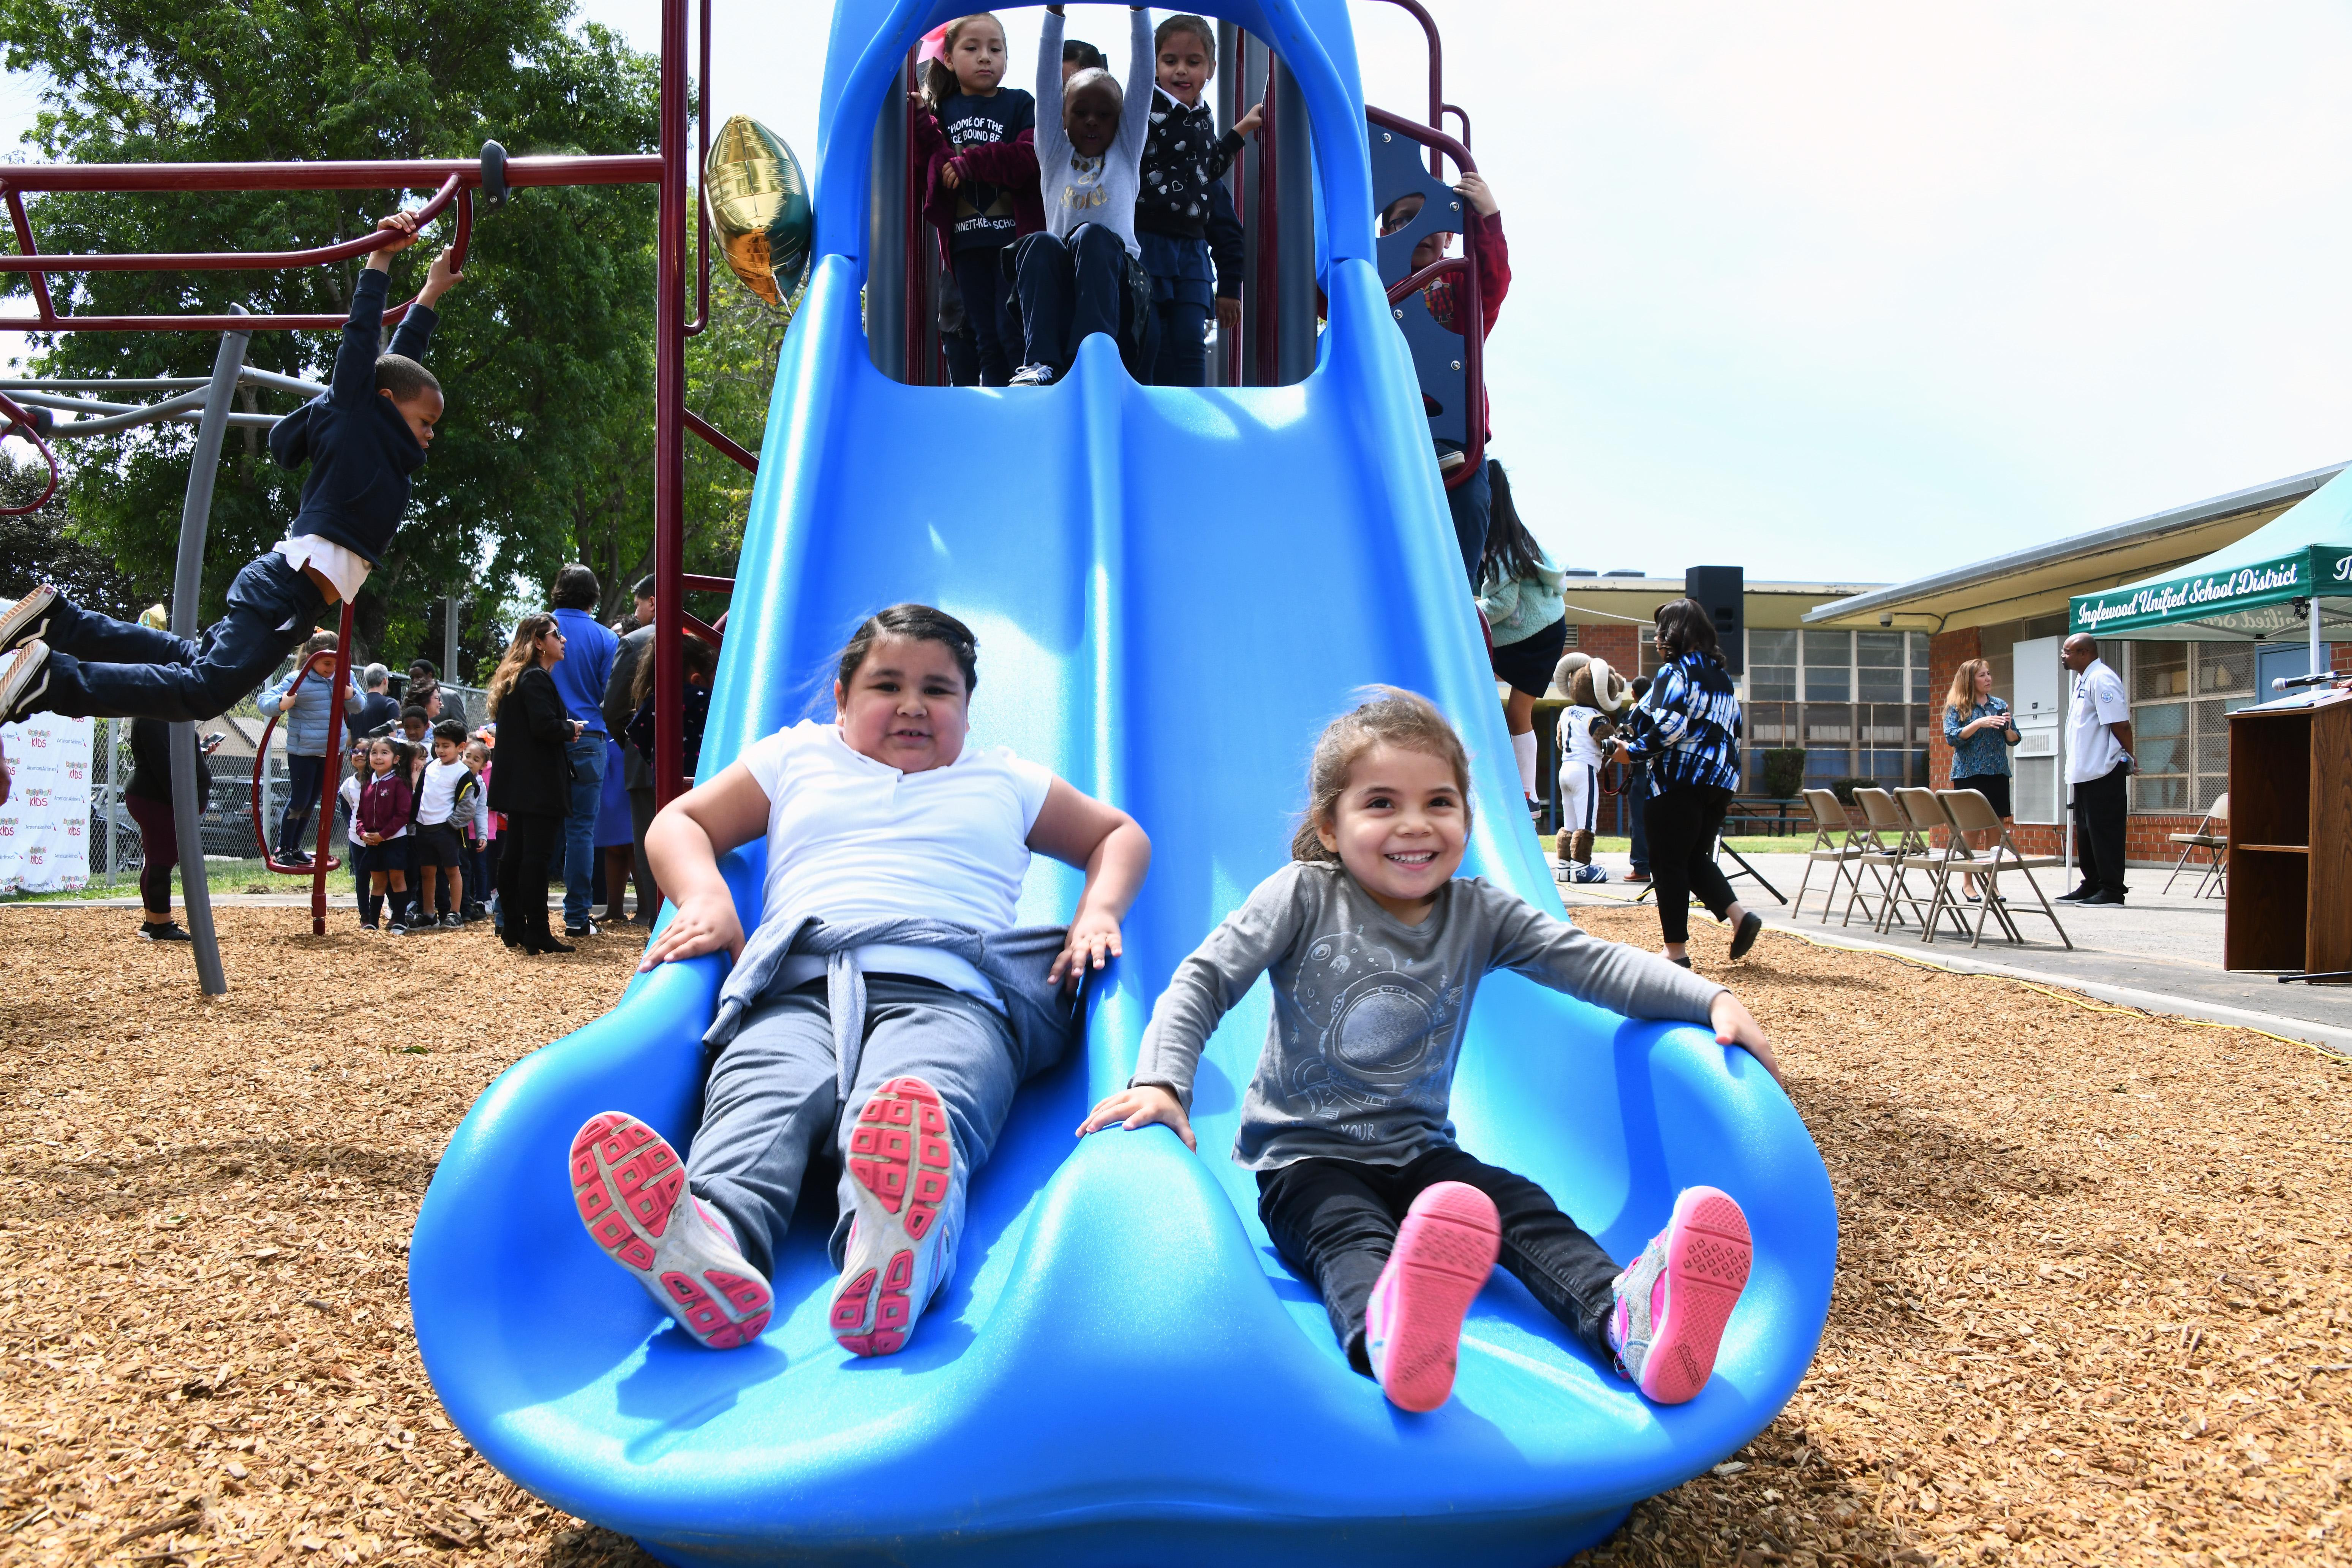 Hollandiában be kell zárni egy játszóteret, mert túl hangosan játszottak a gyerekek